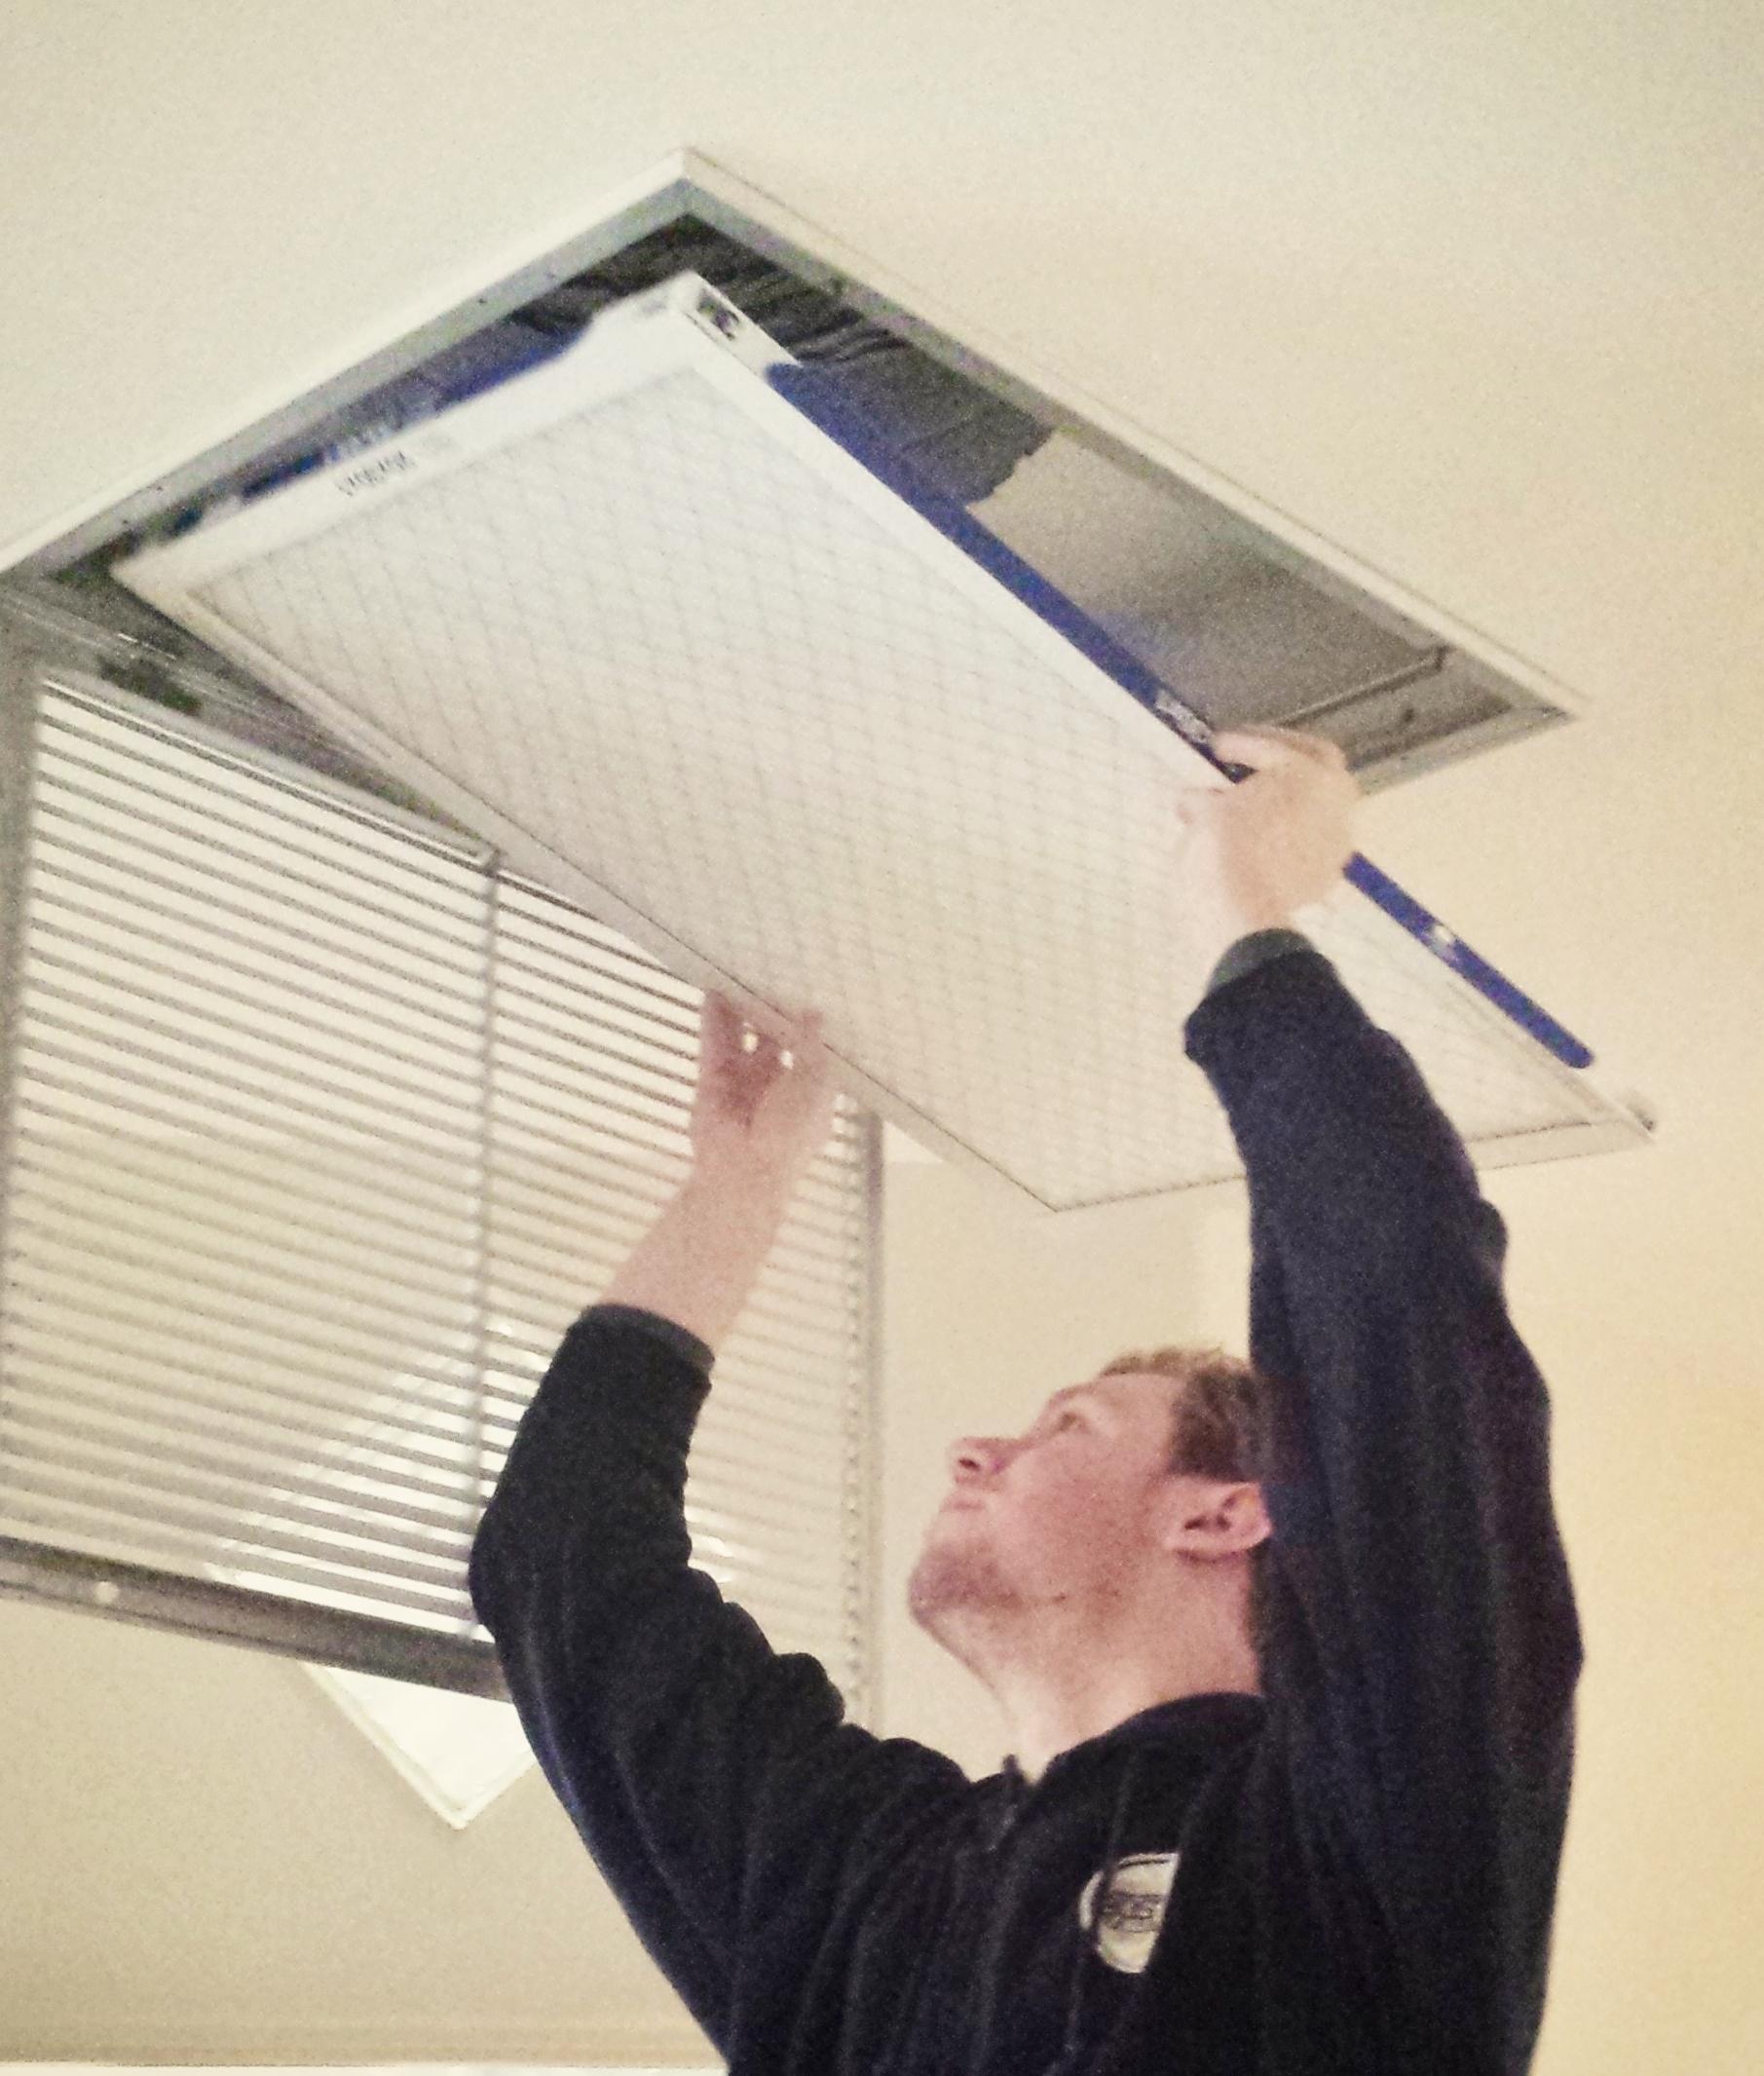 changing air filter.jpg